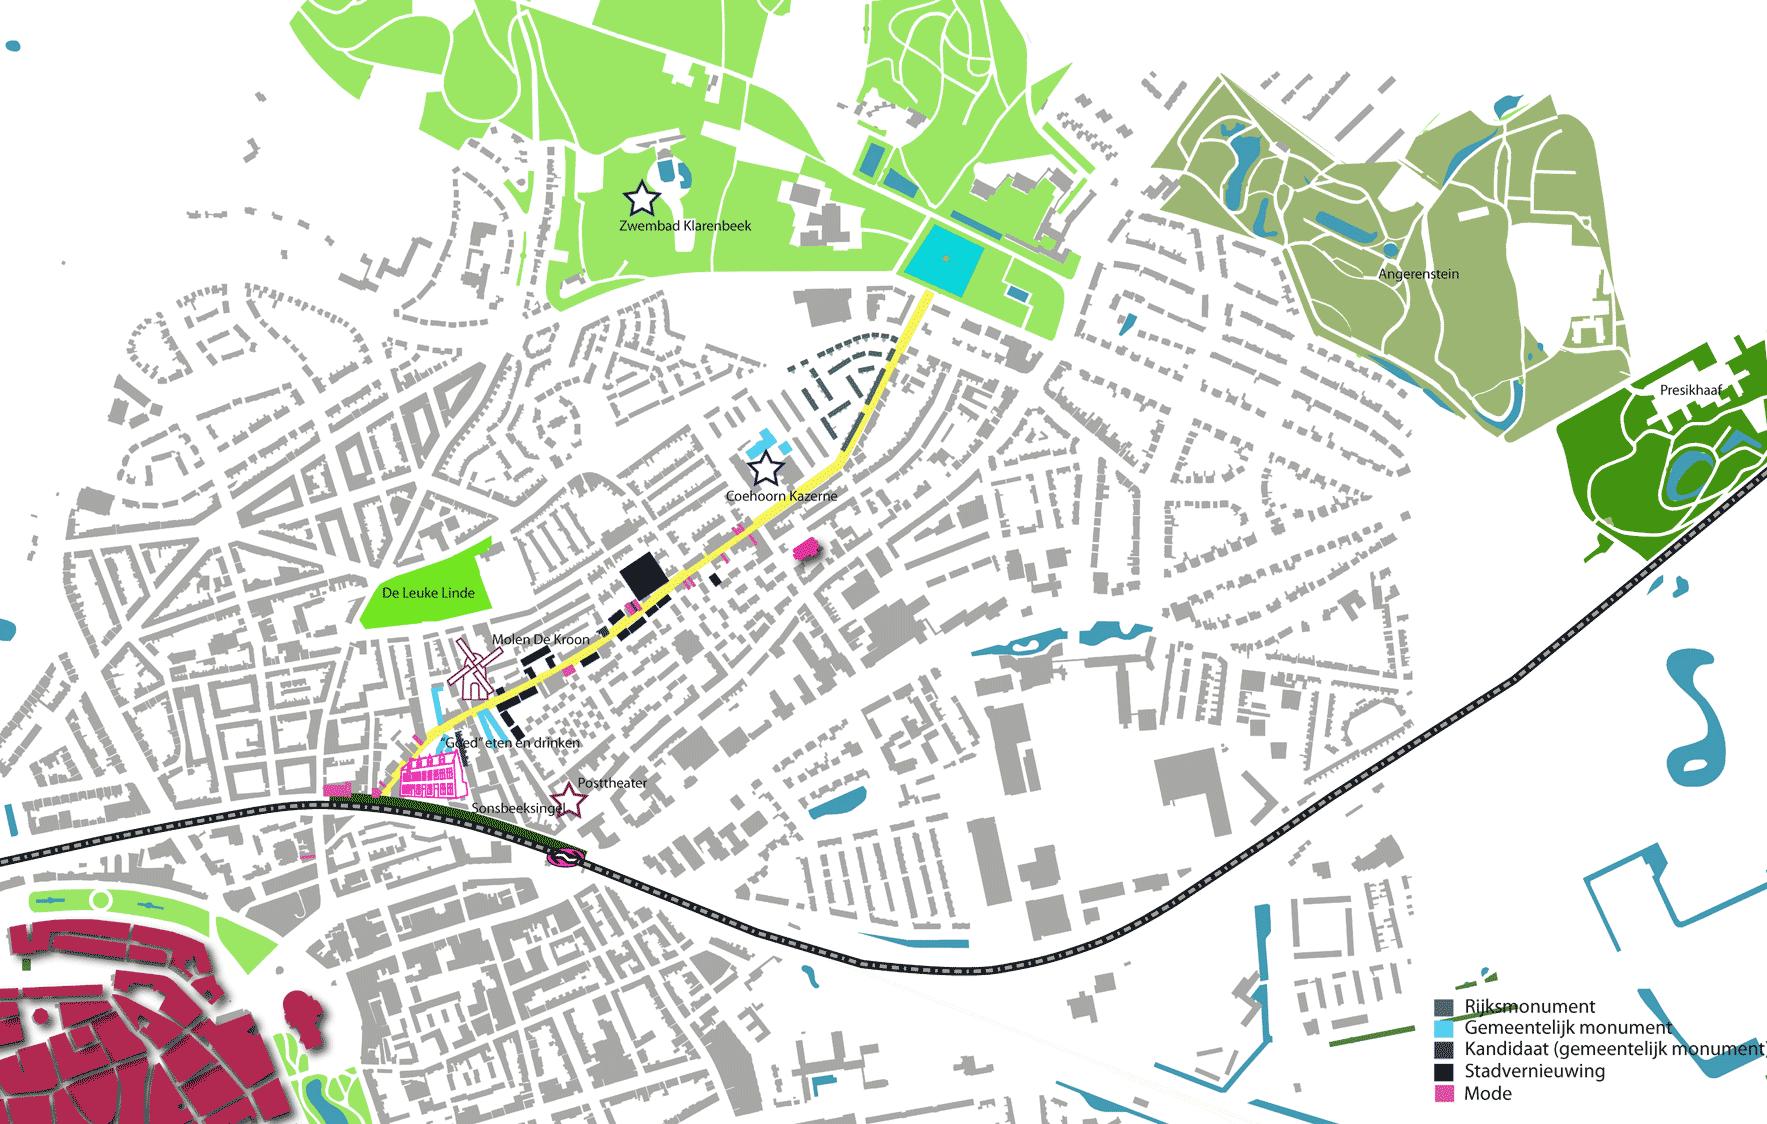 modekwartier Klarendal Arnhem